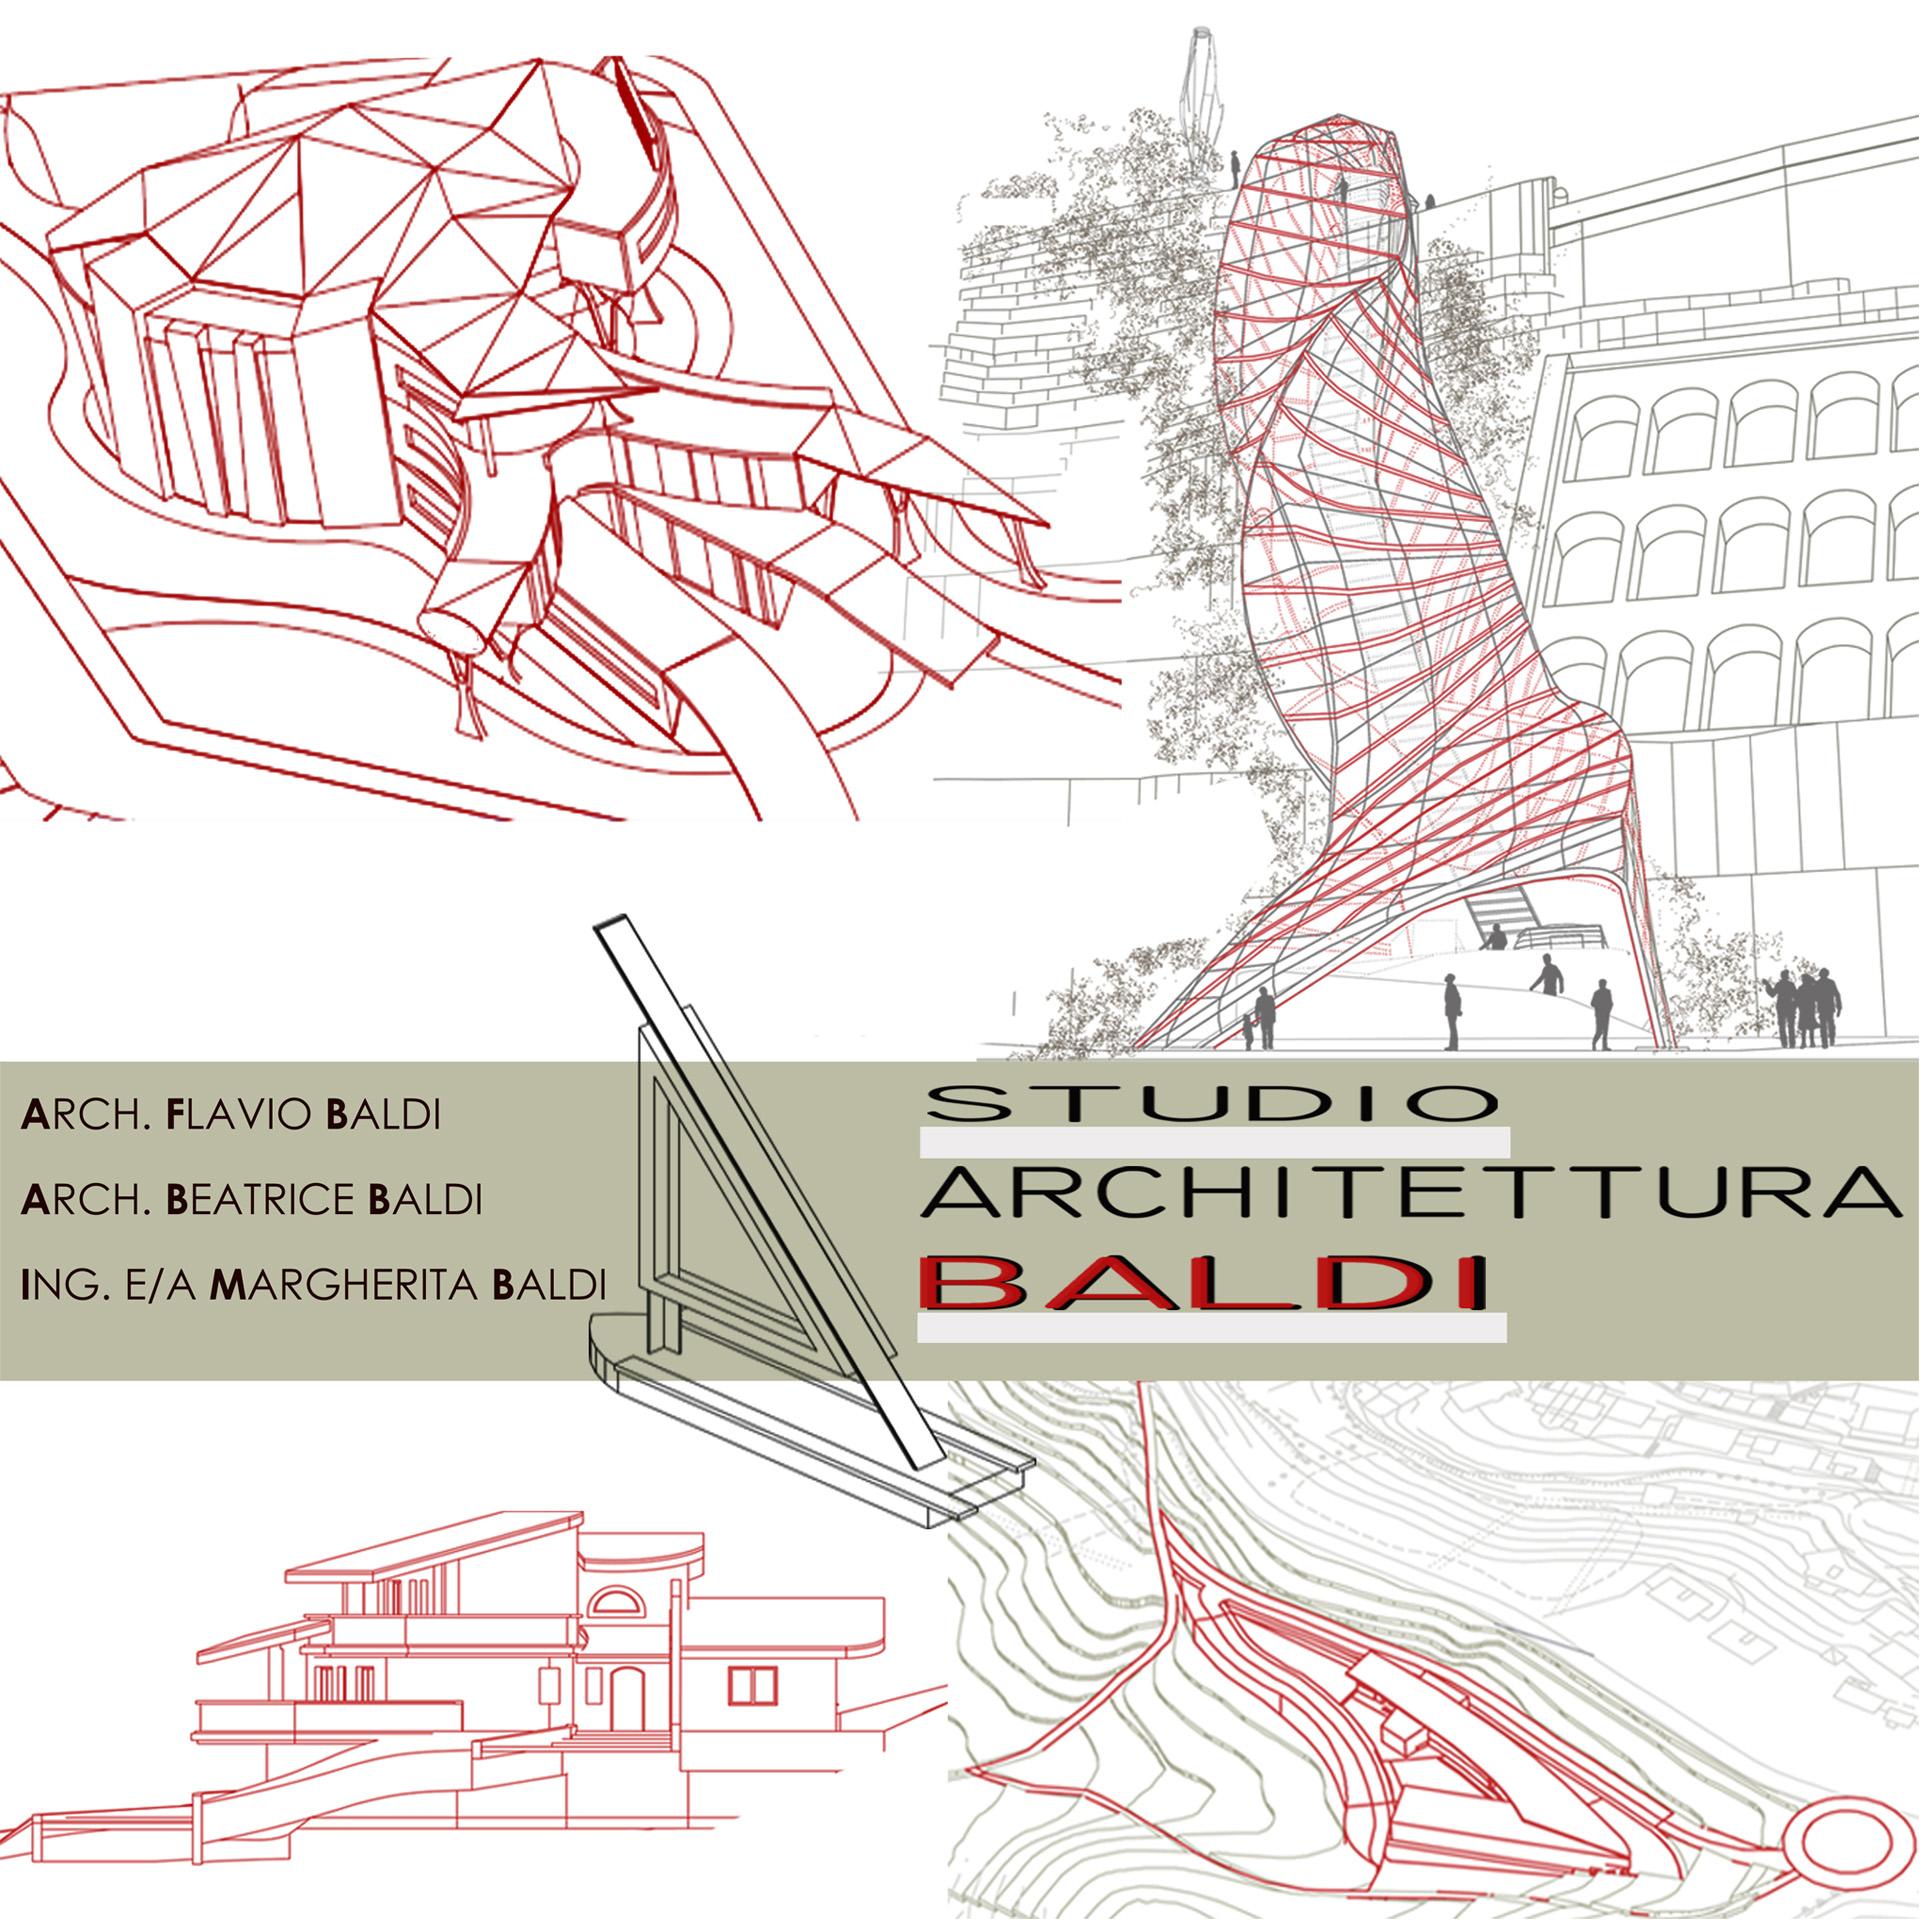 LOGO DELLO STUDIO DI ARCHITETTURA BALDI